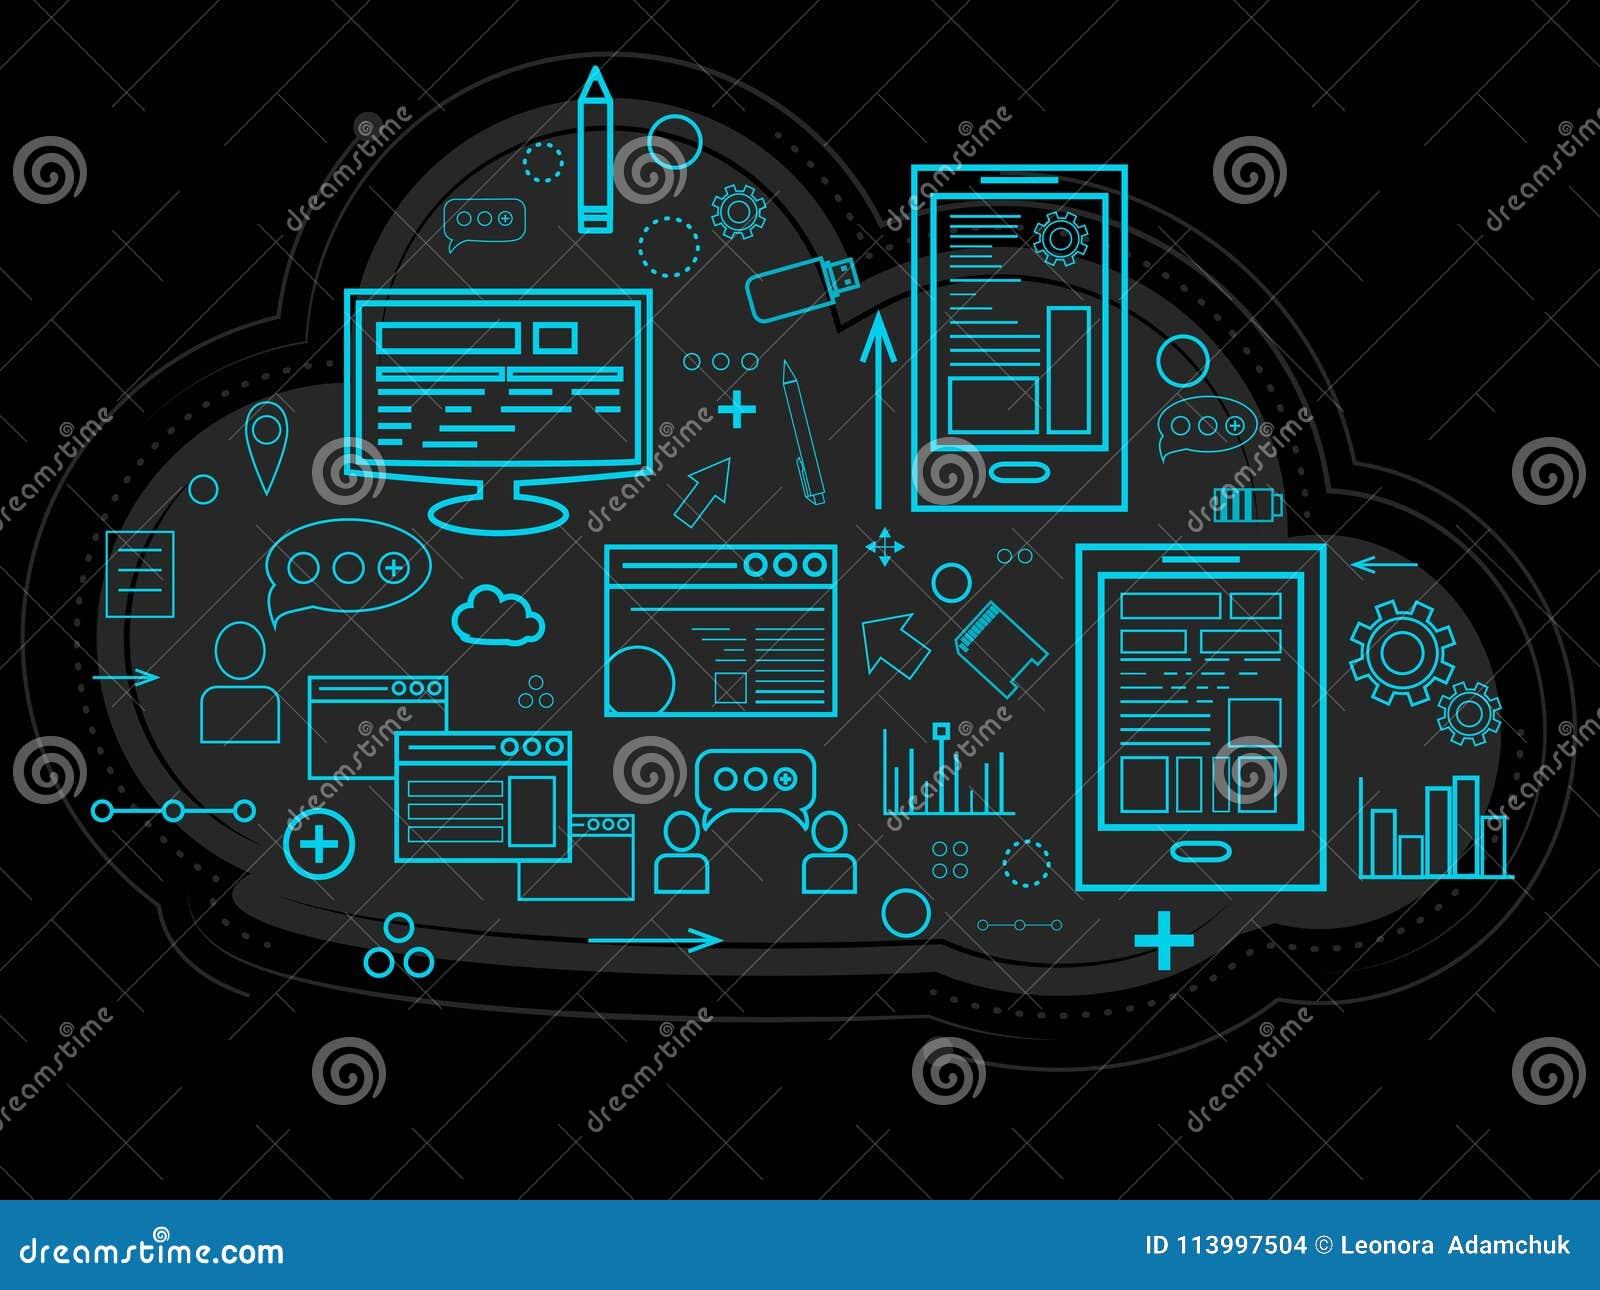 Данные по облака хранятся на сервере, информации о людях, диаграммах, отчетах, памяти работы и установках Документы линейно